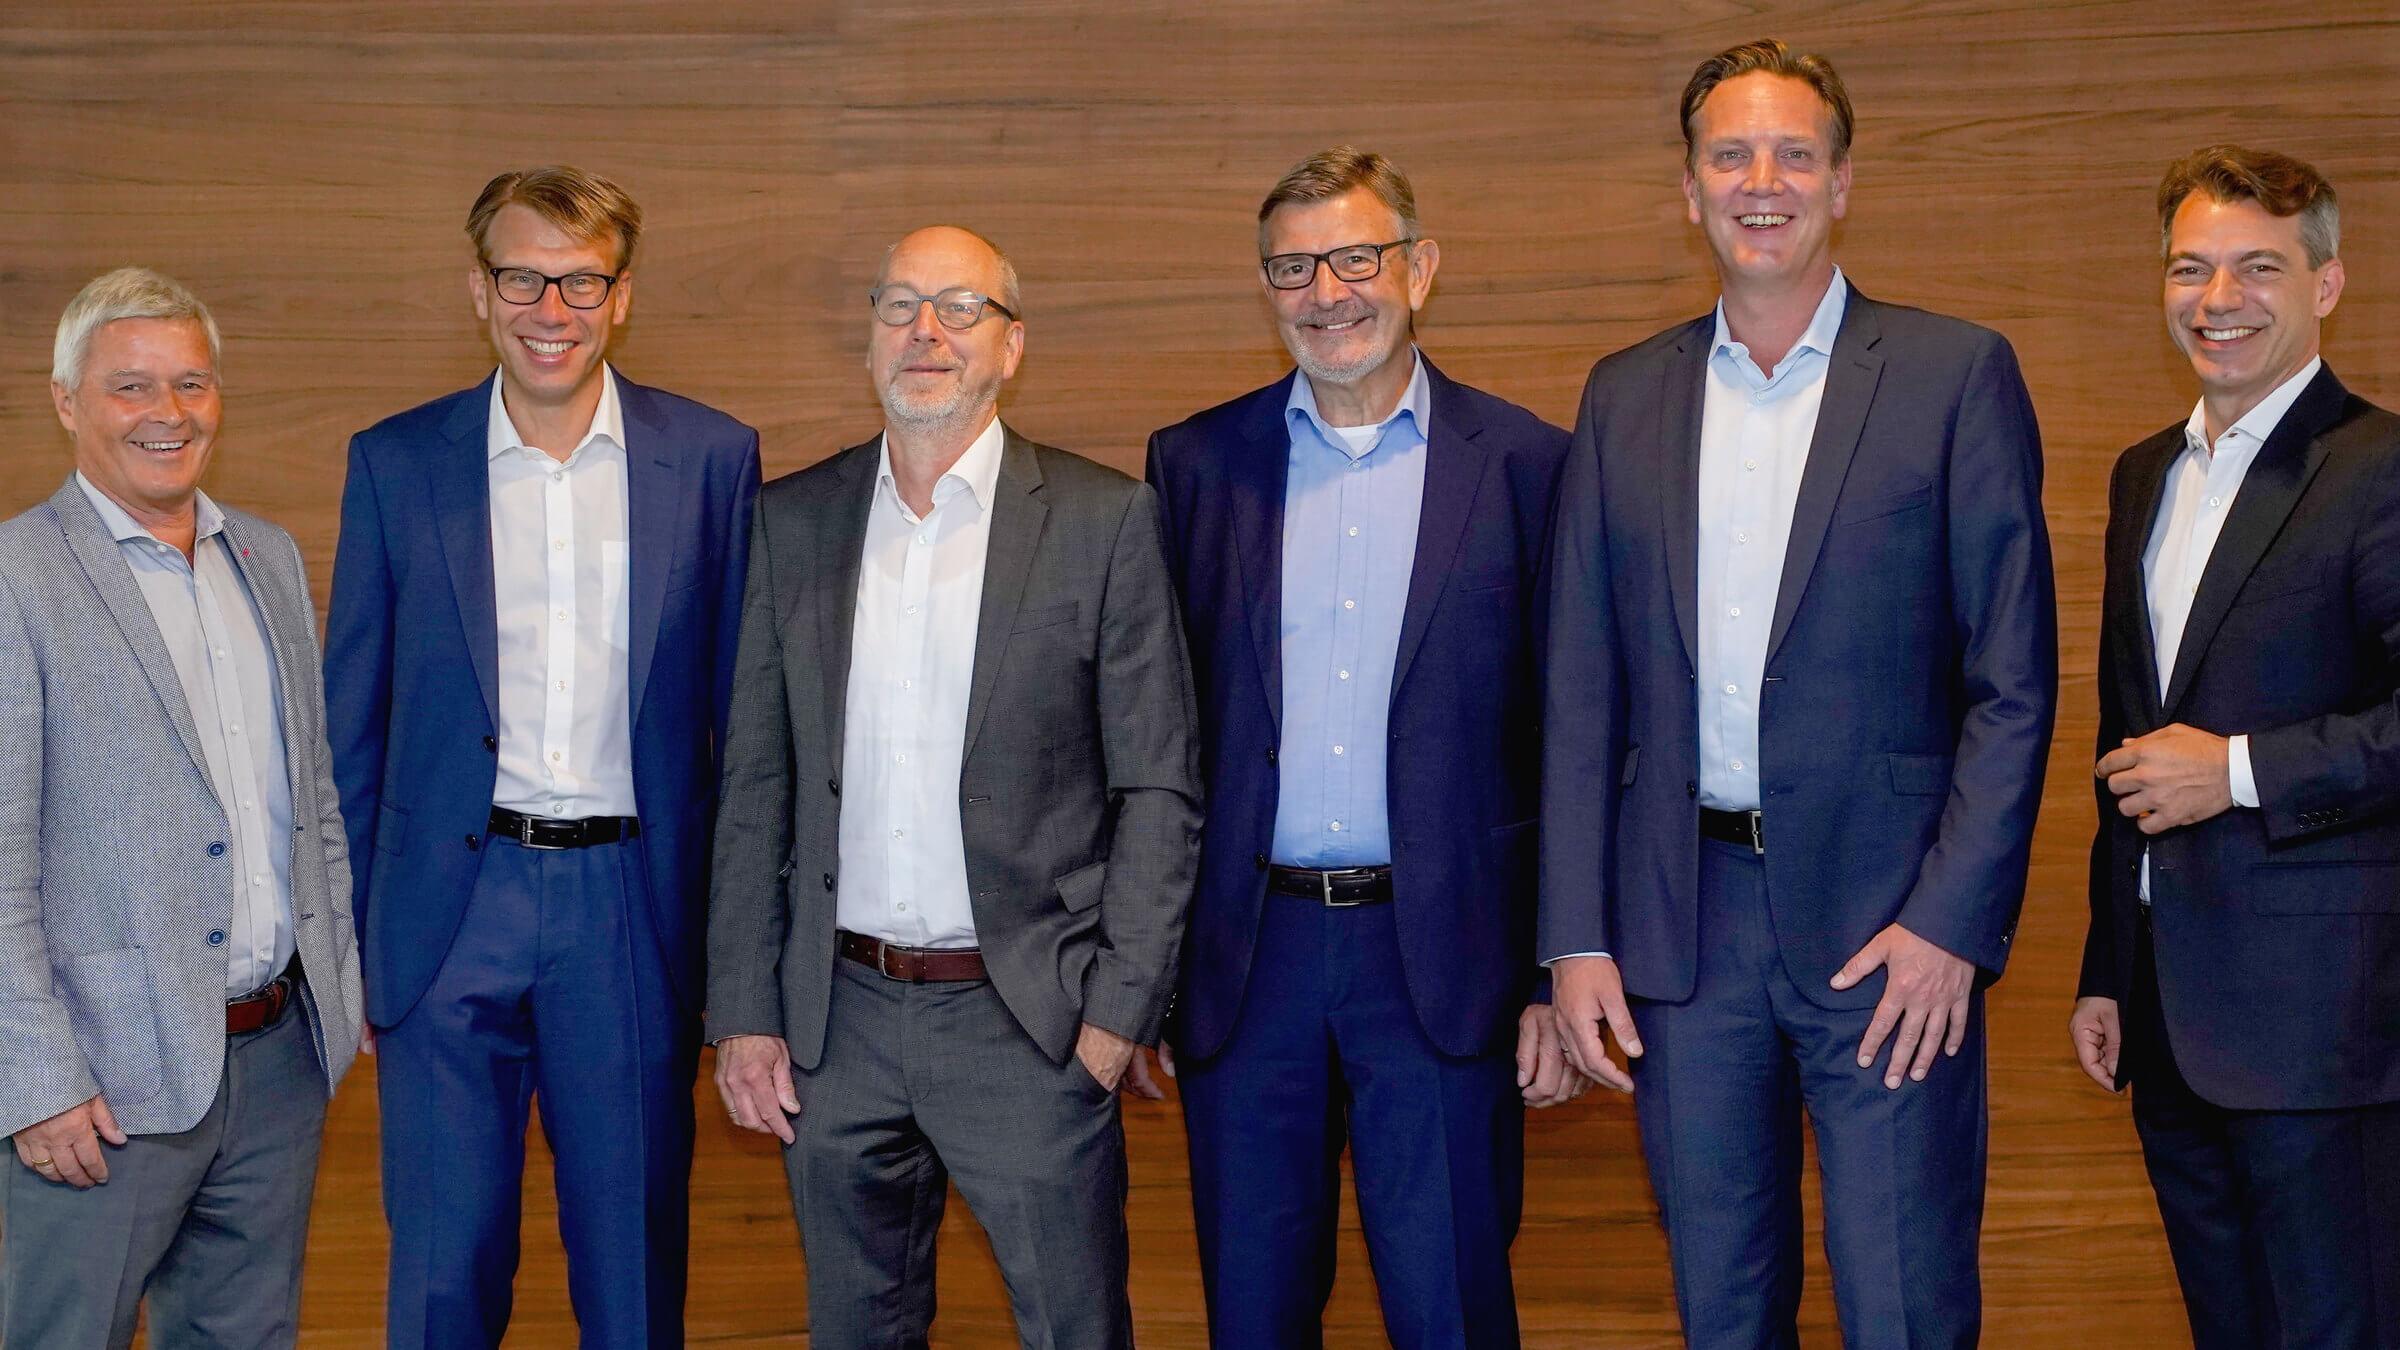 von links nach rechts: Dieter Brandl, Frank Hägele, Dieter Jacobs, Helmuth Barth, Christian Schüßler und Vinzenz Pflanz